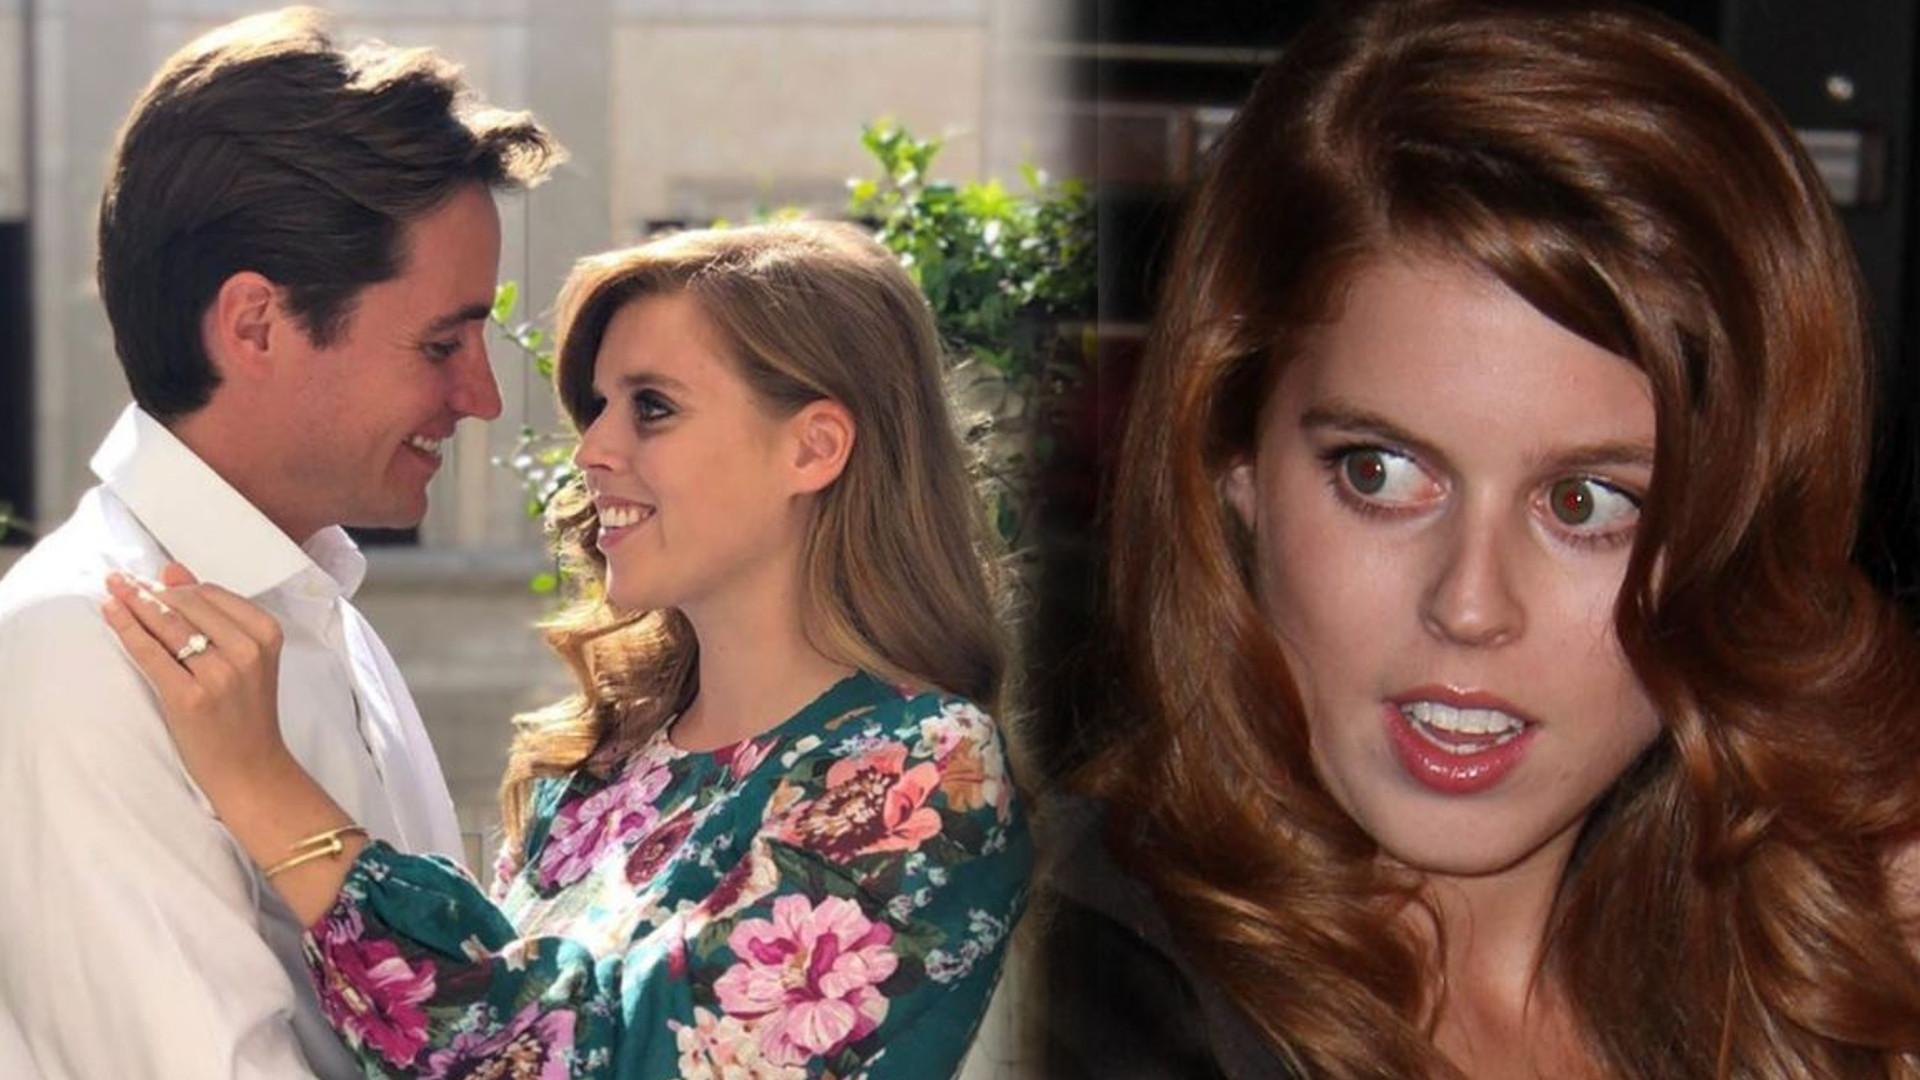 Księżniczka Beatrice zorganizowała przyjęcie zaręczynowe, na którym było więcej gwiazd niż rodziny królewskiej!